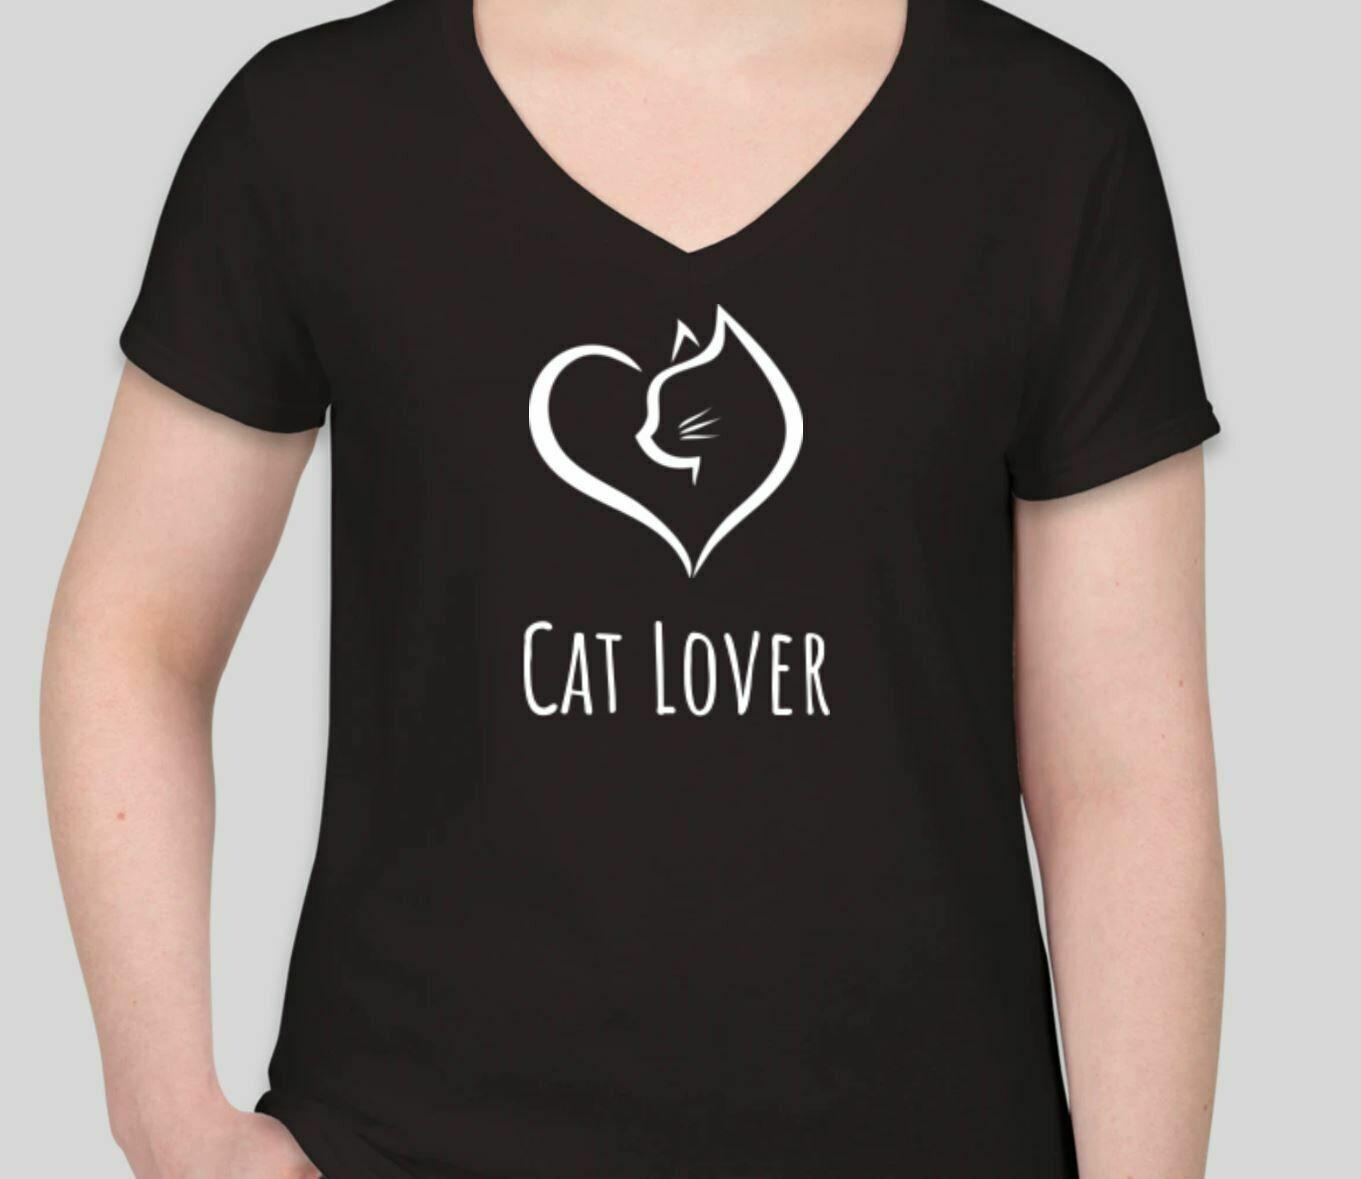 Cat Lover (Women) Black